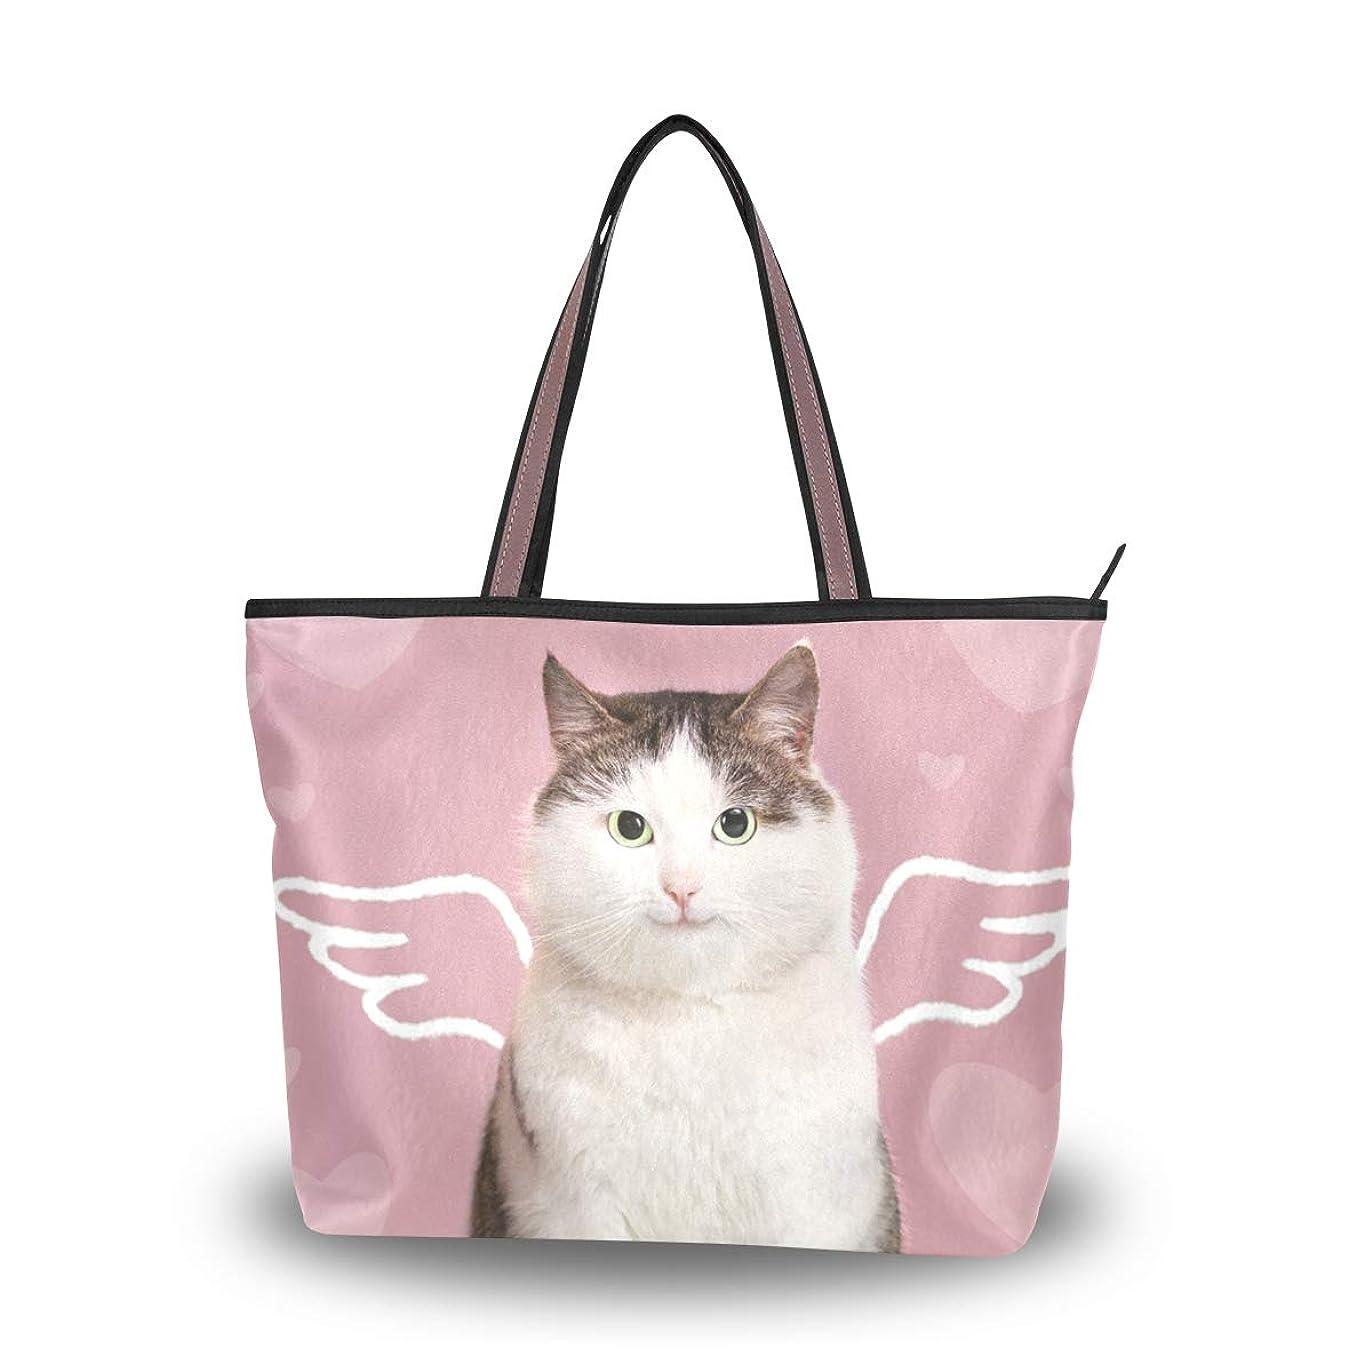 君主一目小屋バララ(La Rose) トートバッグ レディース 大容量 通勤 通学 軽い 布 肩掛け a4 かわいい 猫柄 ネコ 可愛い 面白い ハンドバッグ 手提げ袋 おしゃれ 高校生 2way ママ 手提げバッグ キャンバス ファスナー